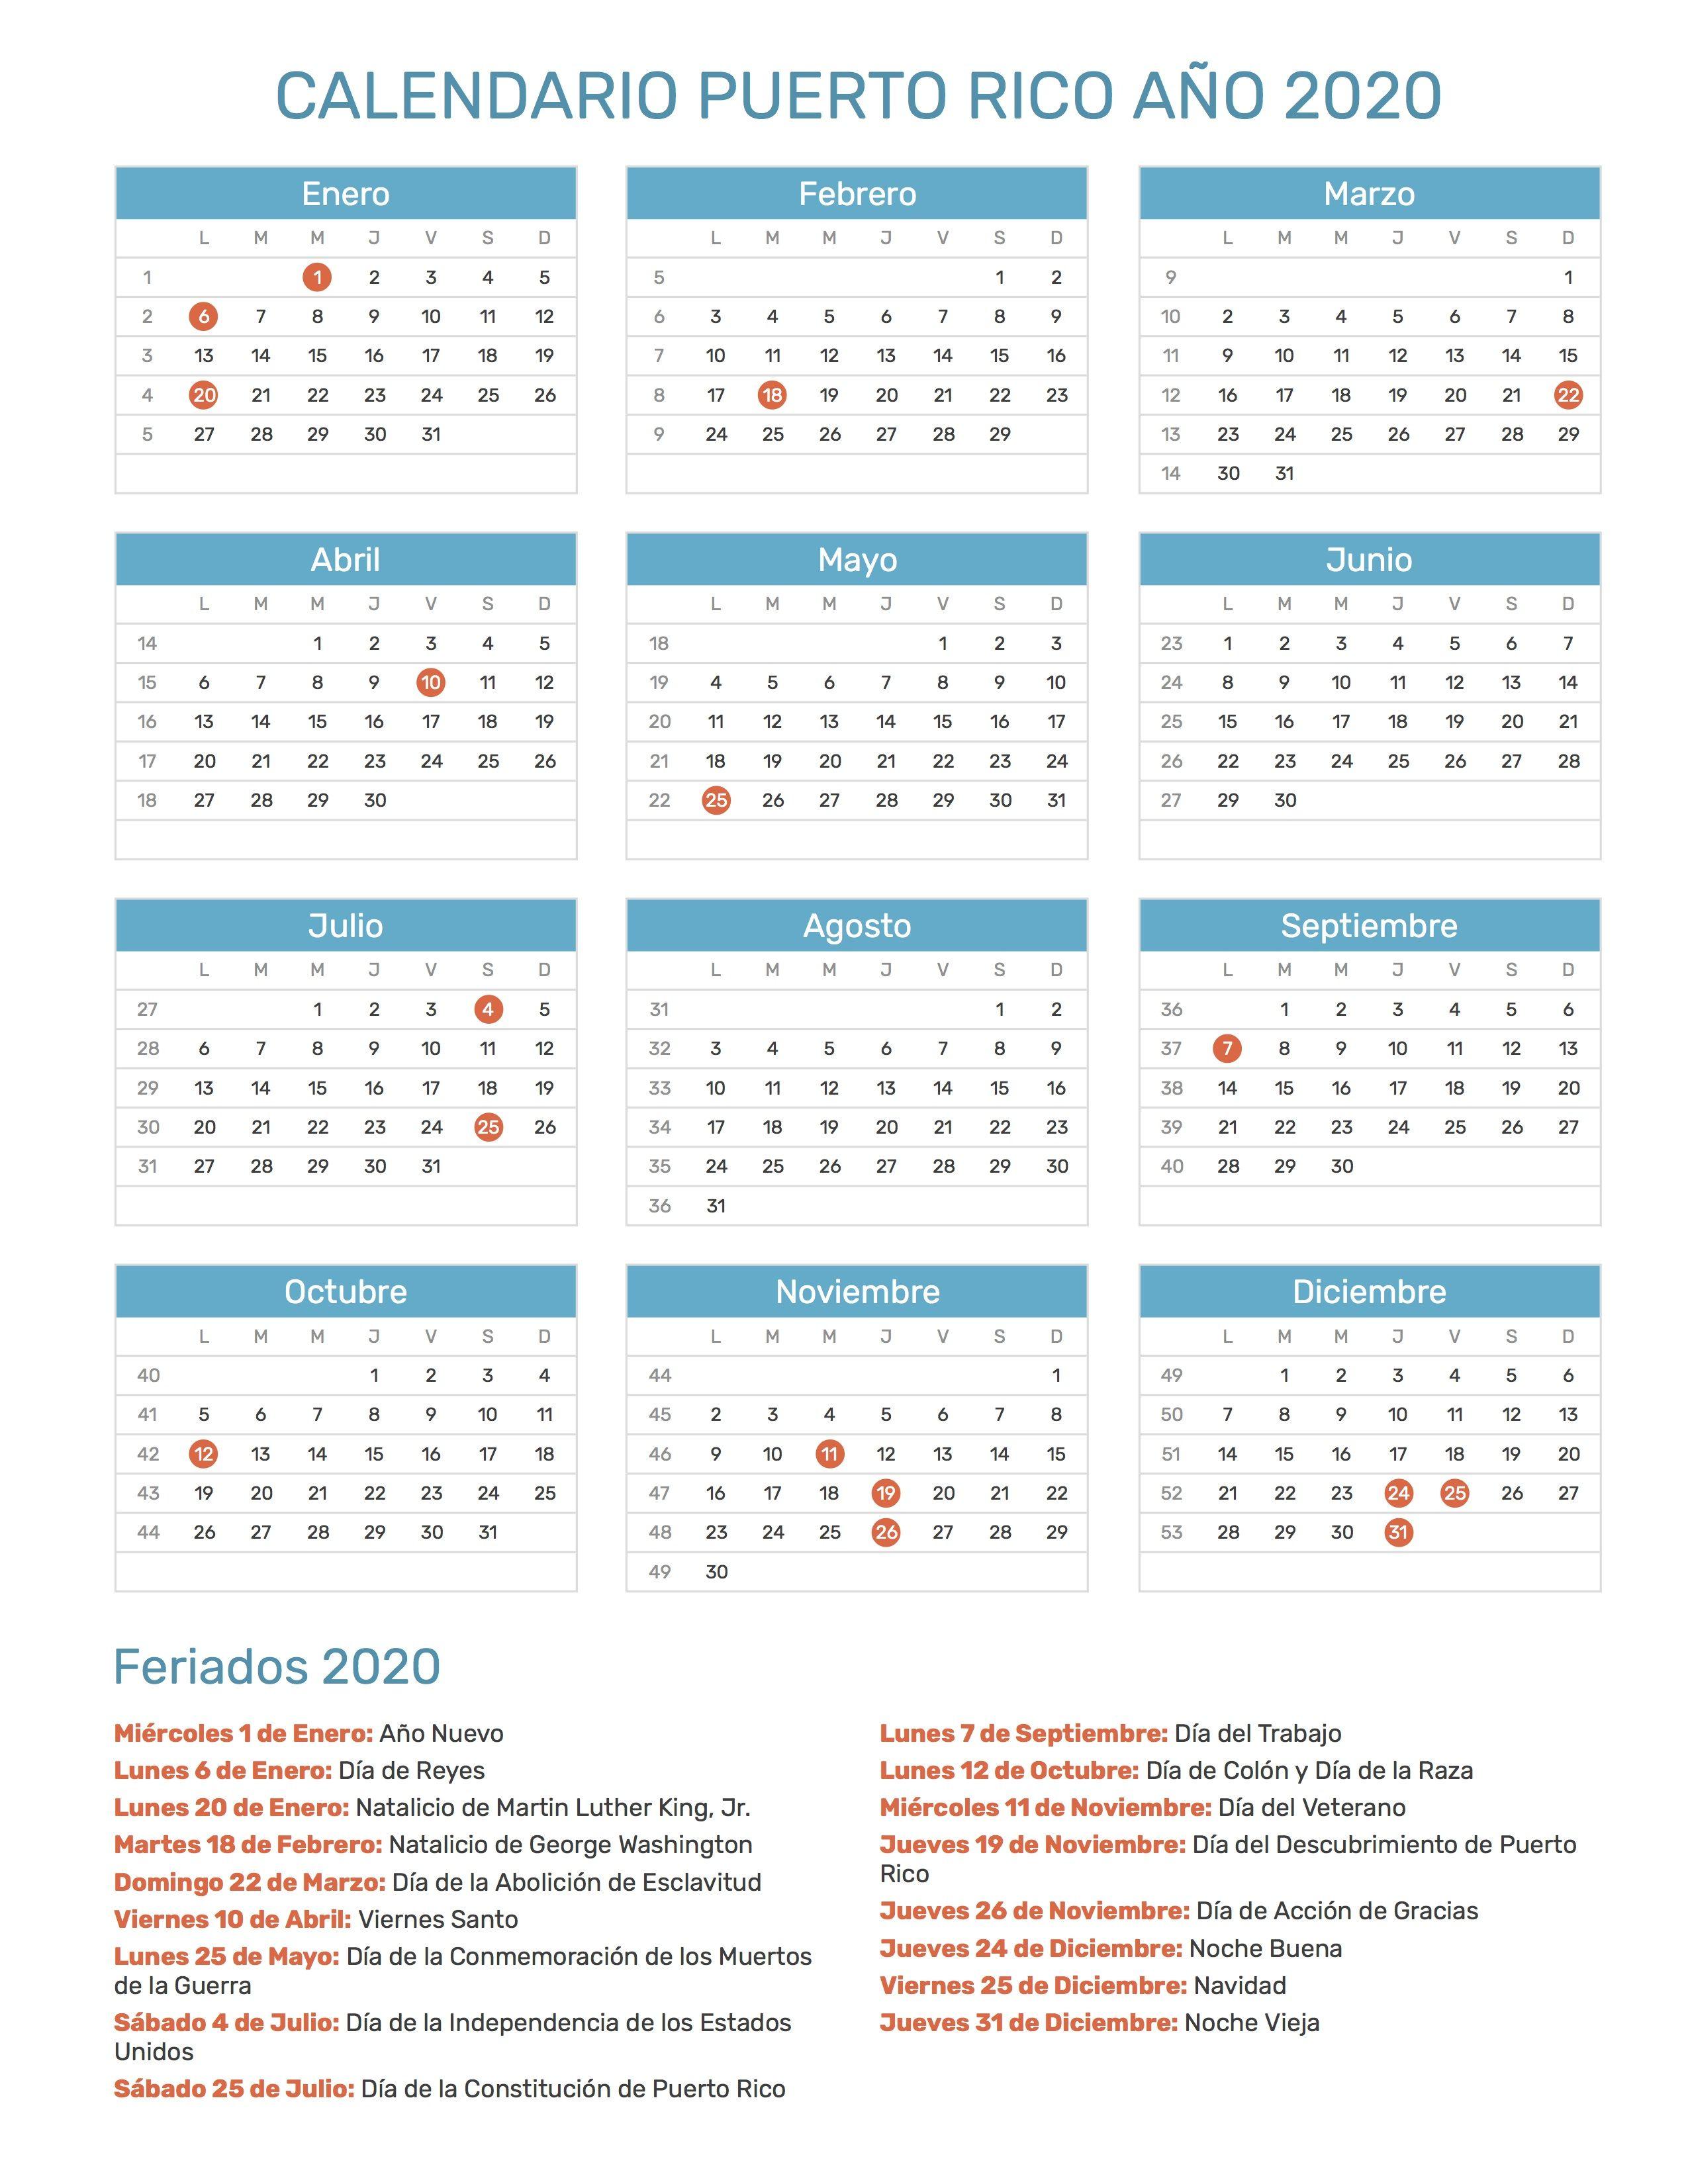 Calendario Escolar 2020 Argentina Para Imprimir.Feriados Puerto Rico 2020 Google Search Calendarios